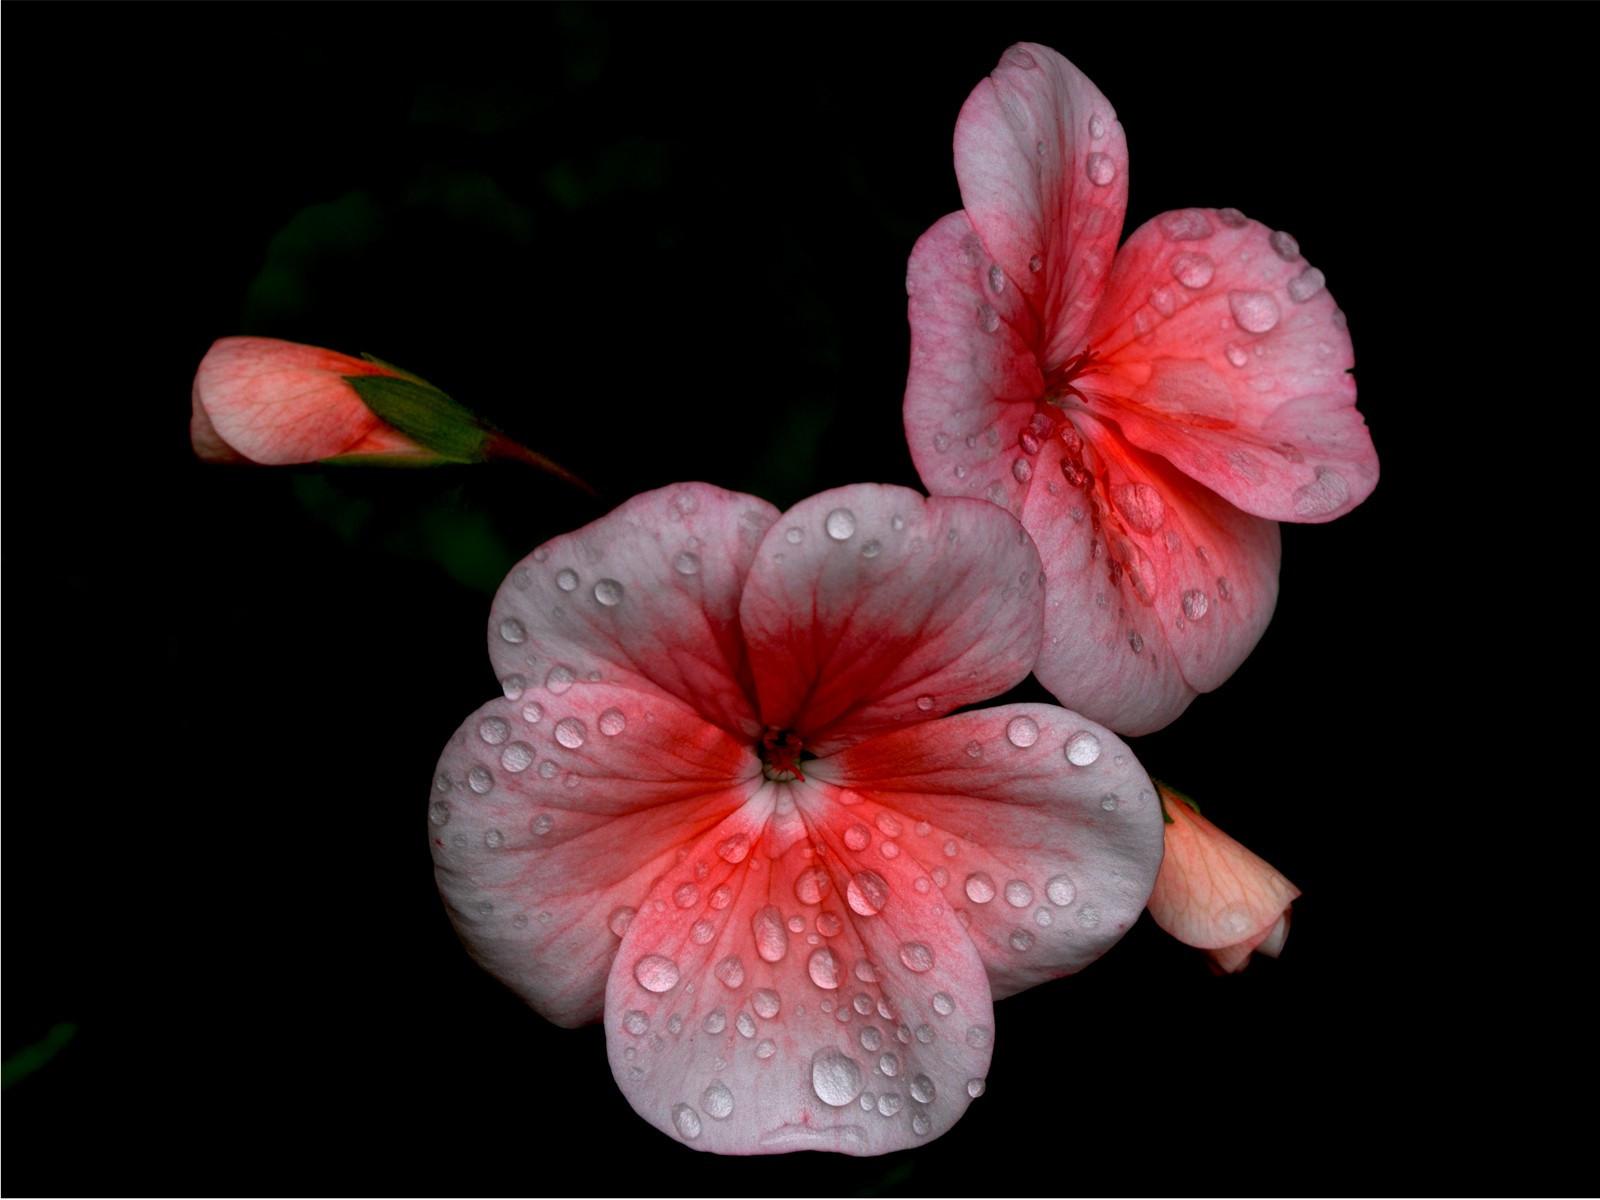 2.Geraniums in the rain